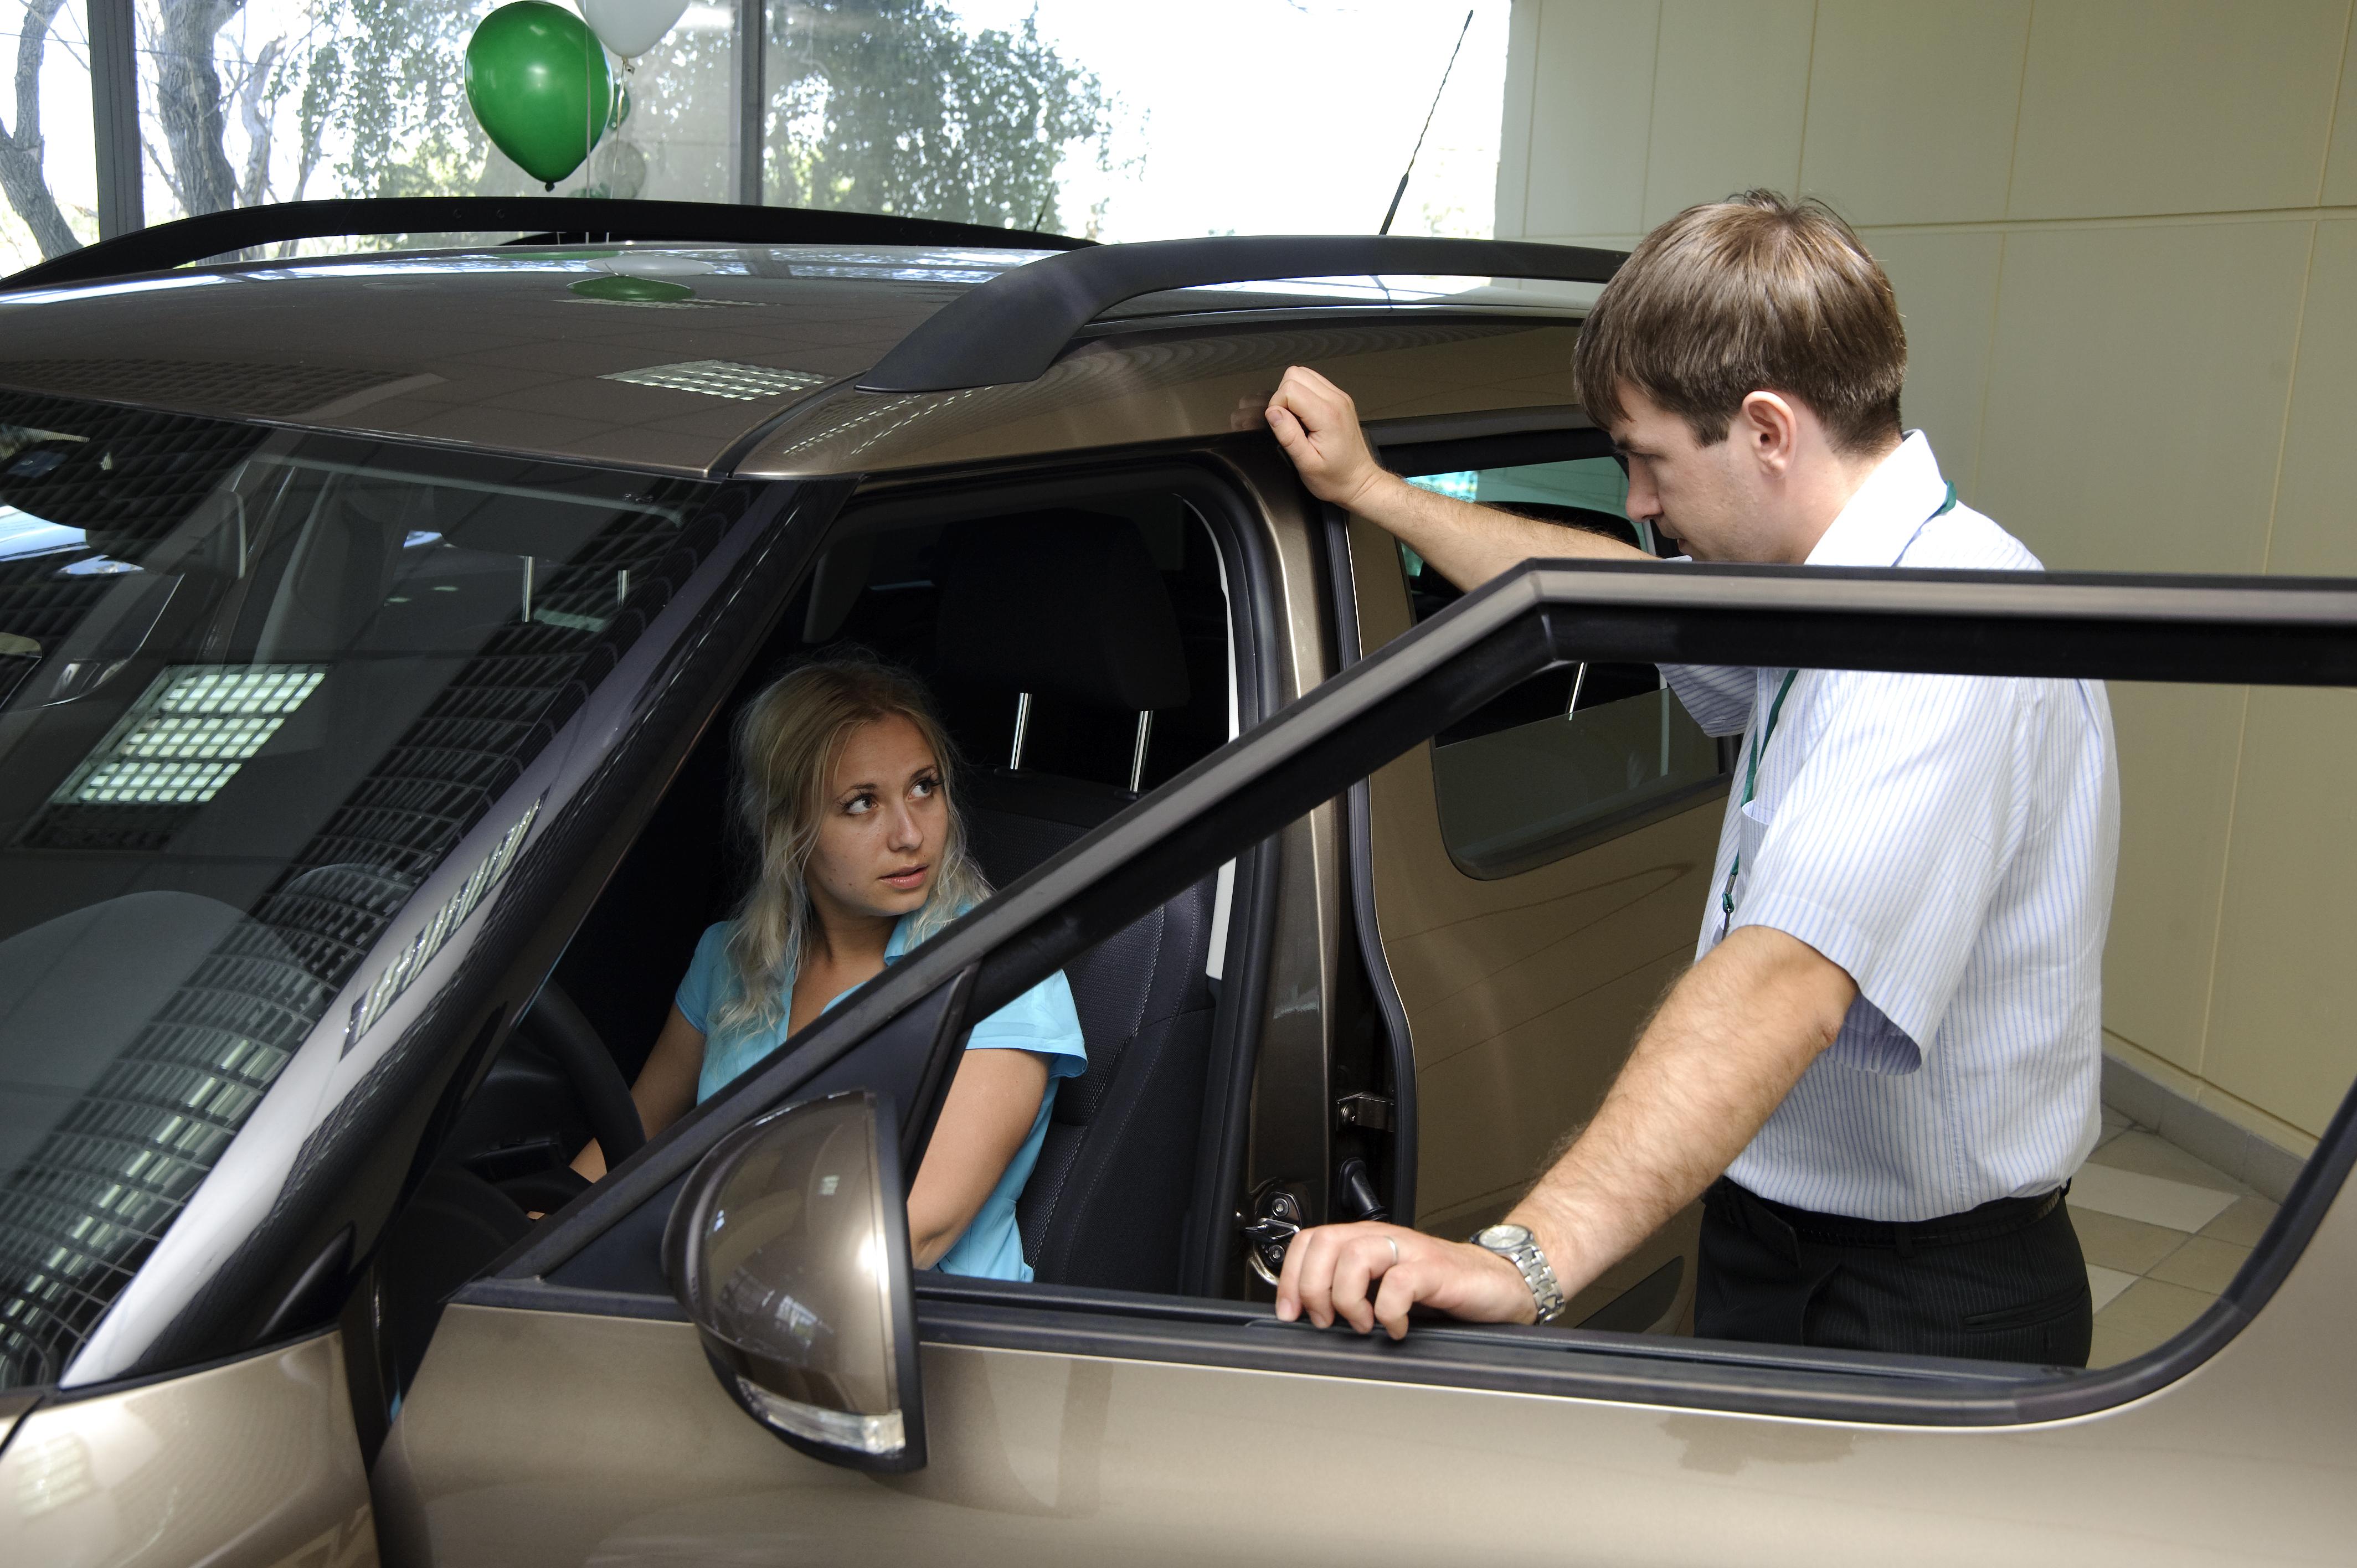 Менеджеры автосалона очень настойчиво предлагают ненужное дополнительное оборудование.